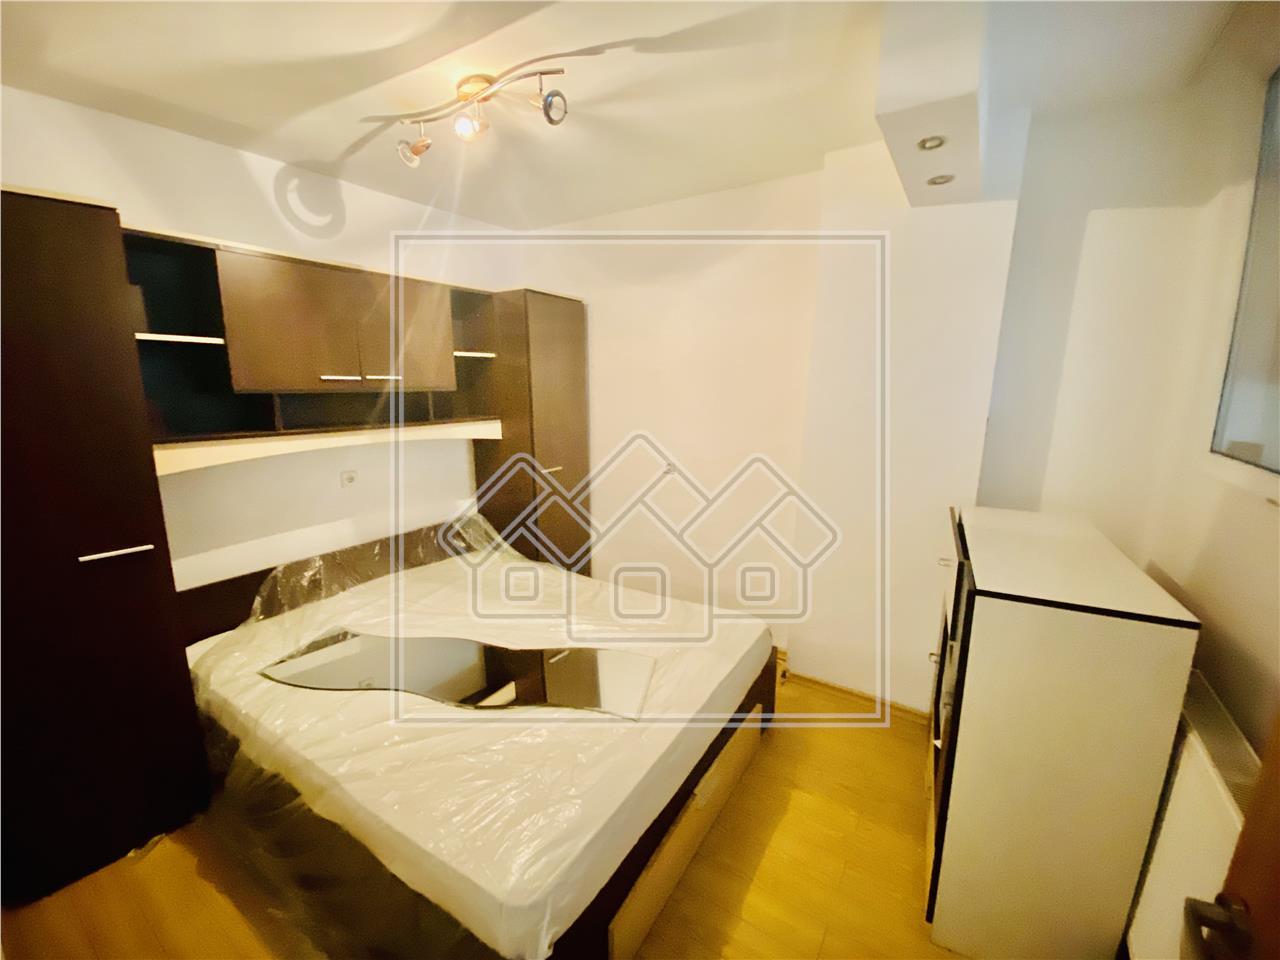 Wohnung zum Verkauf in Sibiu - ein Zimmer - Stand II Bereich